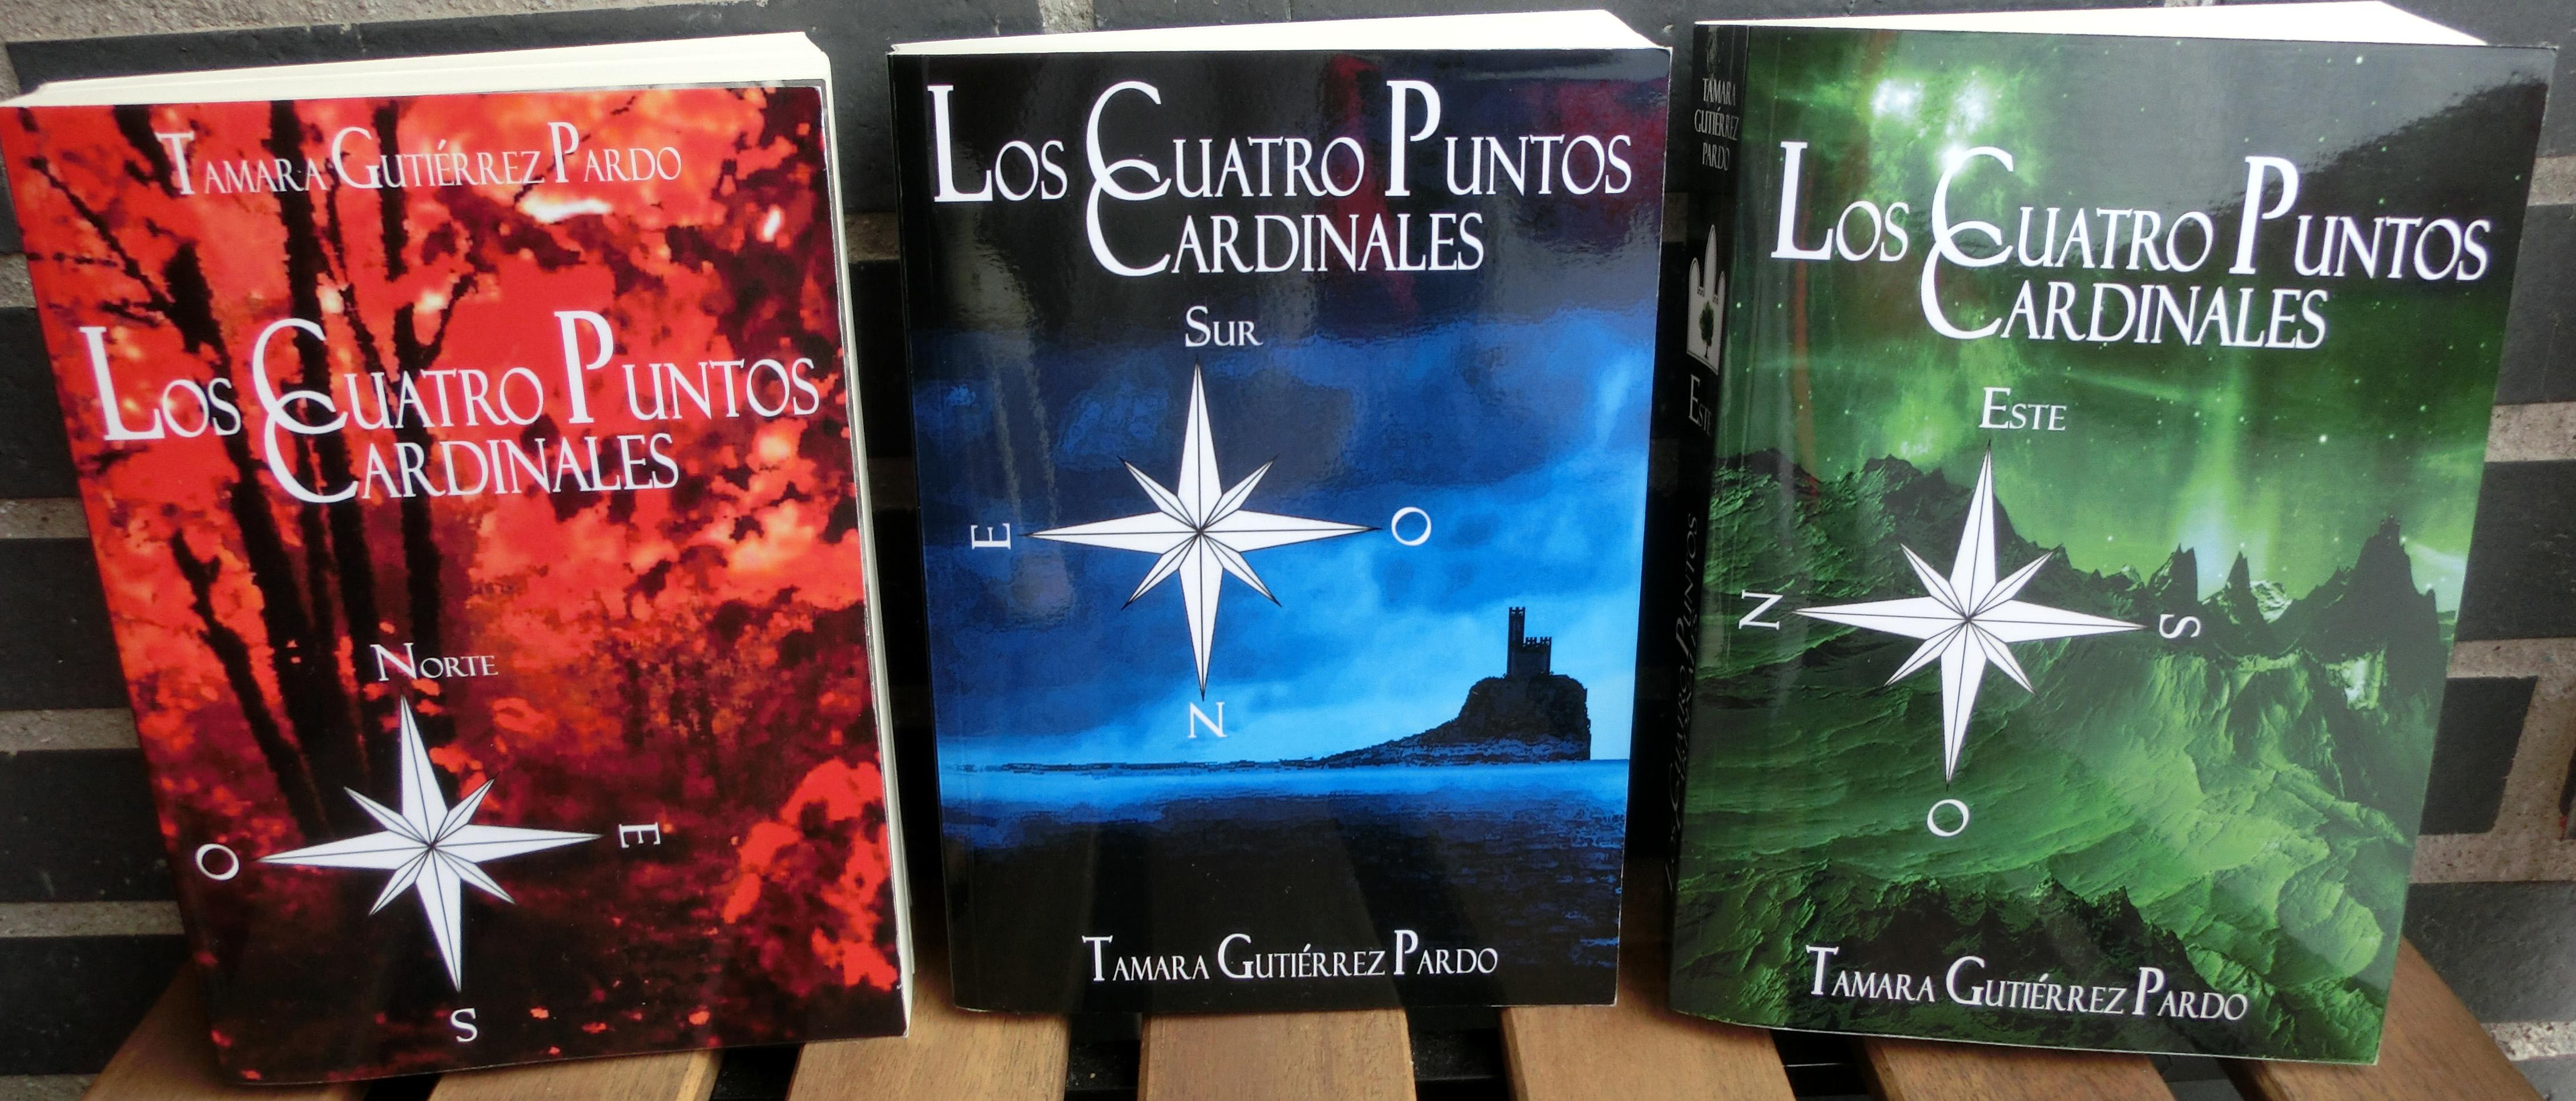 los-cuatro-puntos-cardinales-bubok